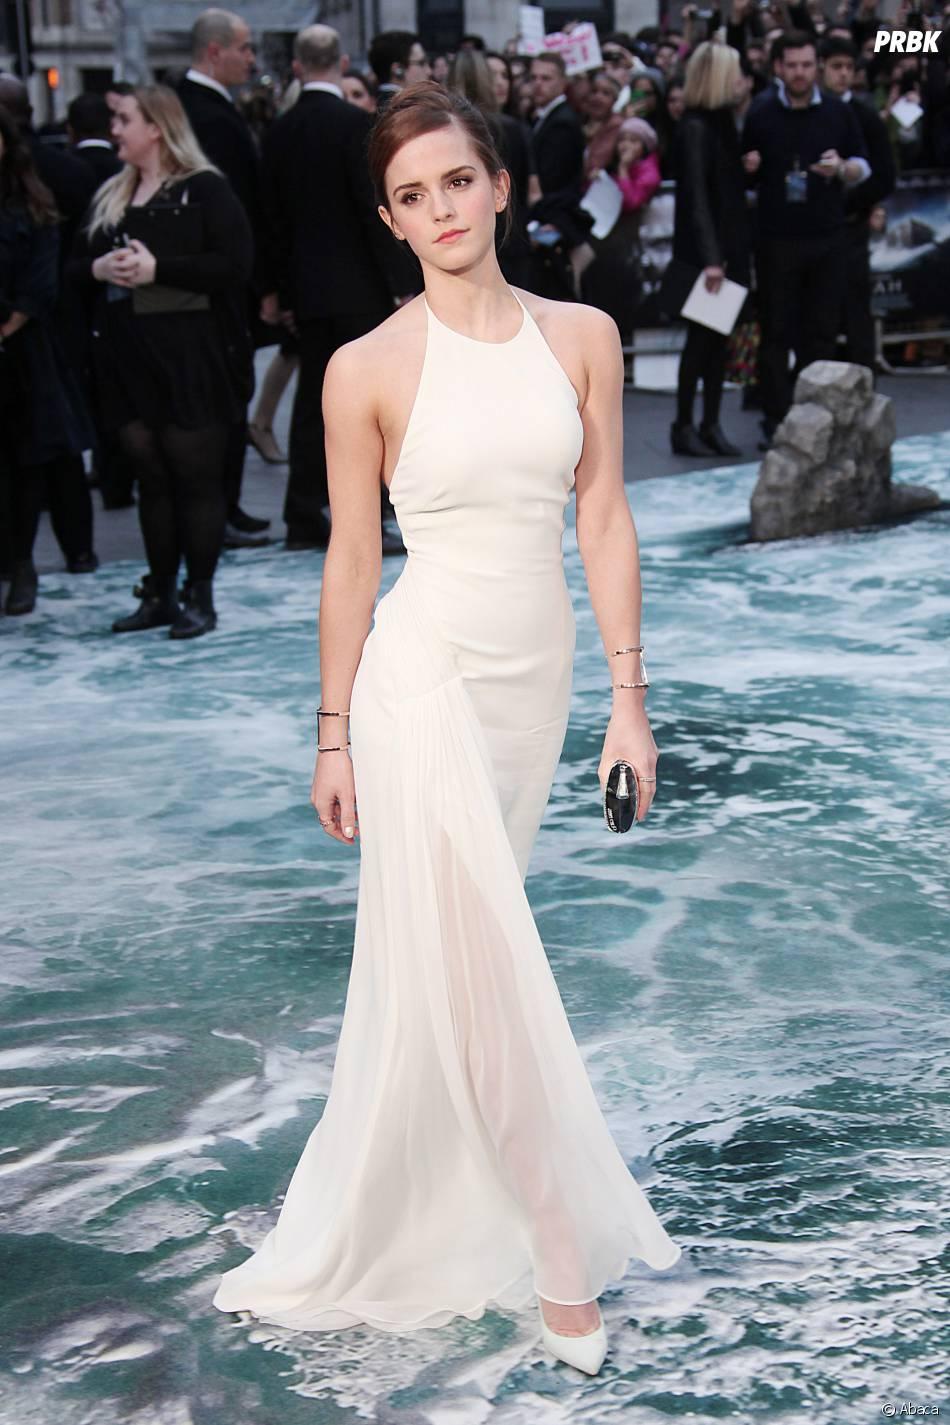 Emma Watson sublime pour présenter Noé, le 31 mars 2014 à Londres